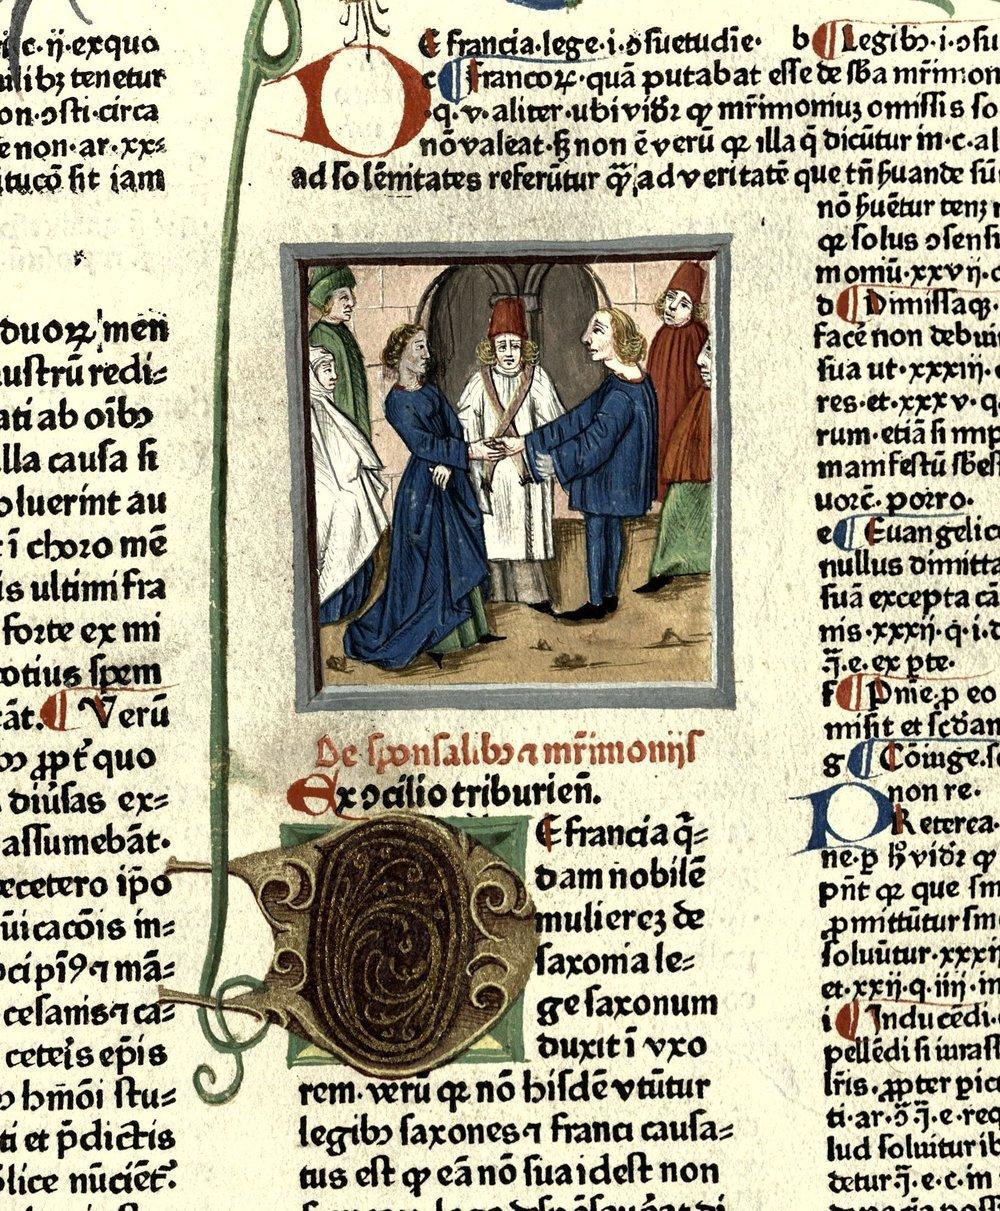 Podoba sklenitve zakonske zveze.  (foto: NŠAM, Zbirka raritet, R 155. Iz knjige: Papež Gregor IX., Knjiga dekretalij, Mainz: Peter Schöffer, 1473).